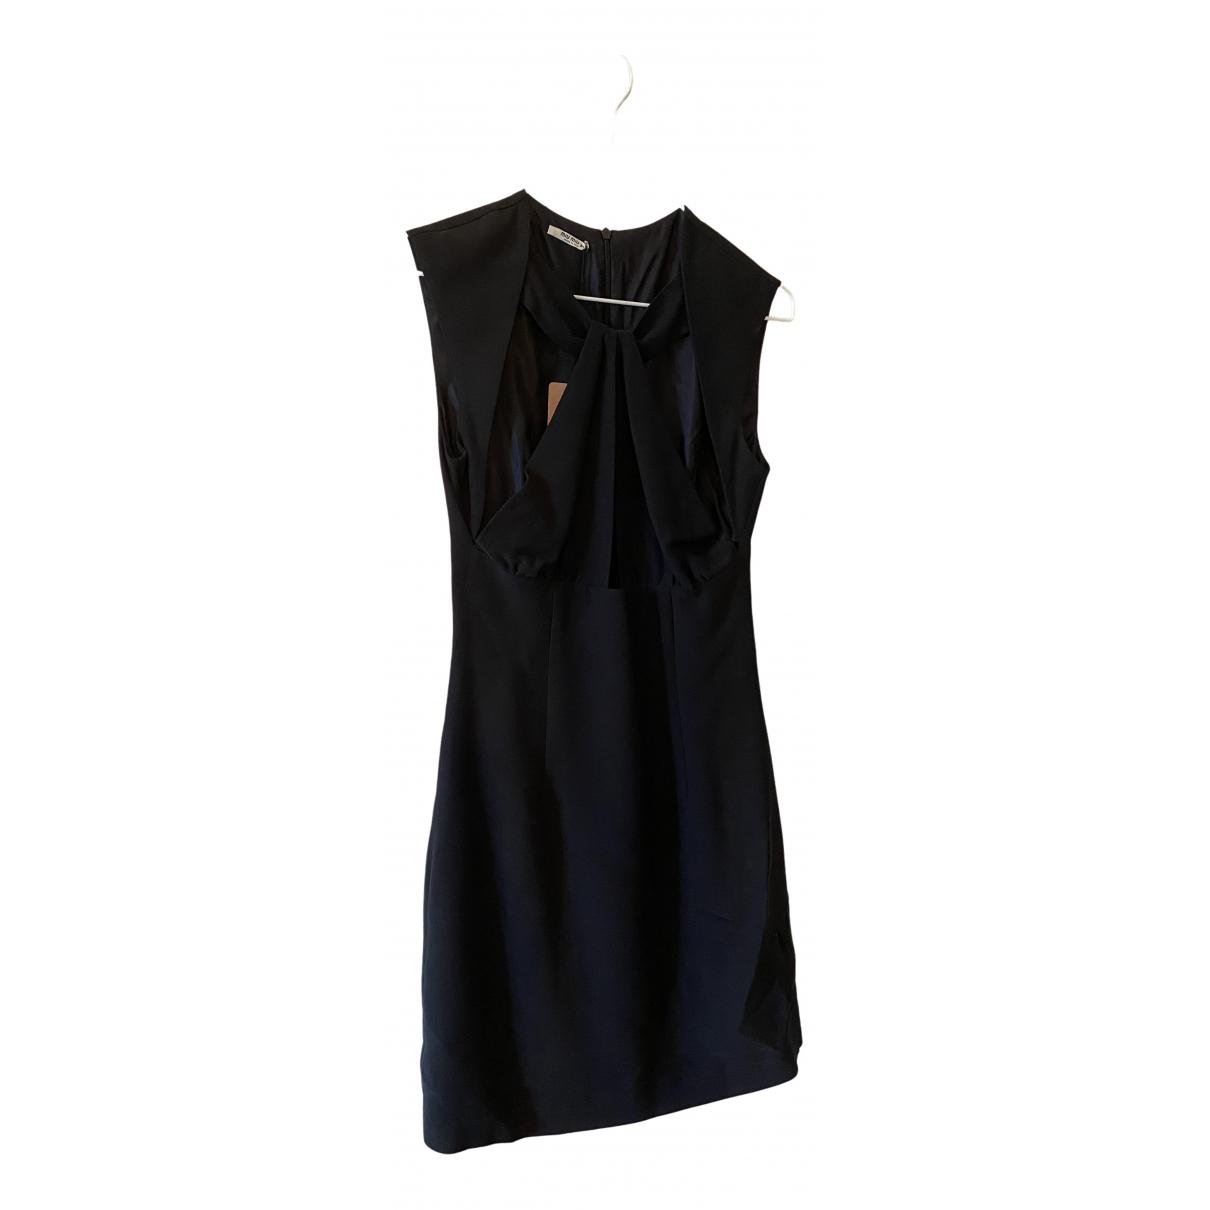 Miu Miu \N Black Silk dress for Women 38 IT